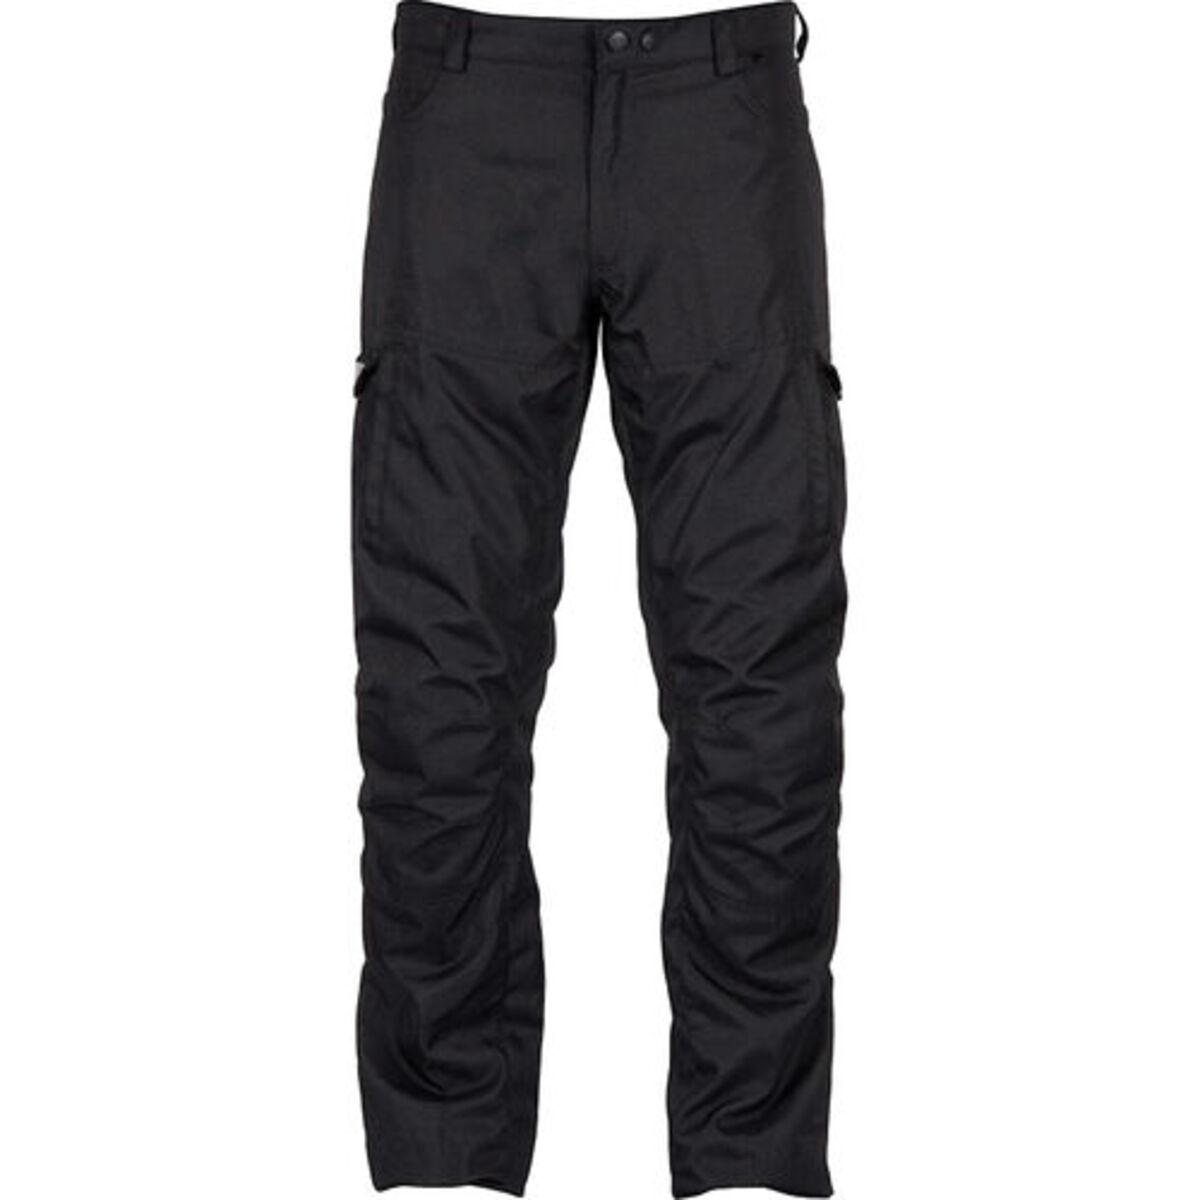 Bild 1 von DXR            Relax Textilhose schwarz